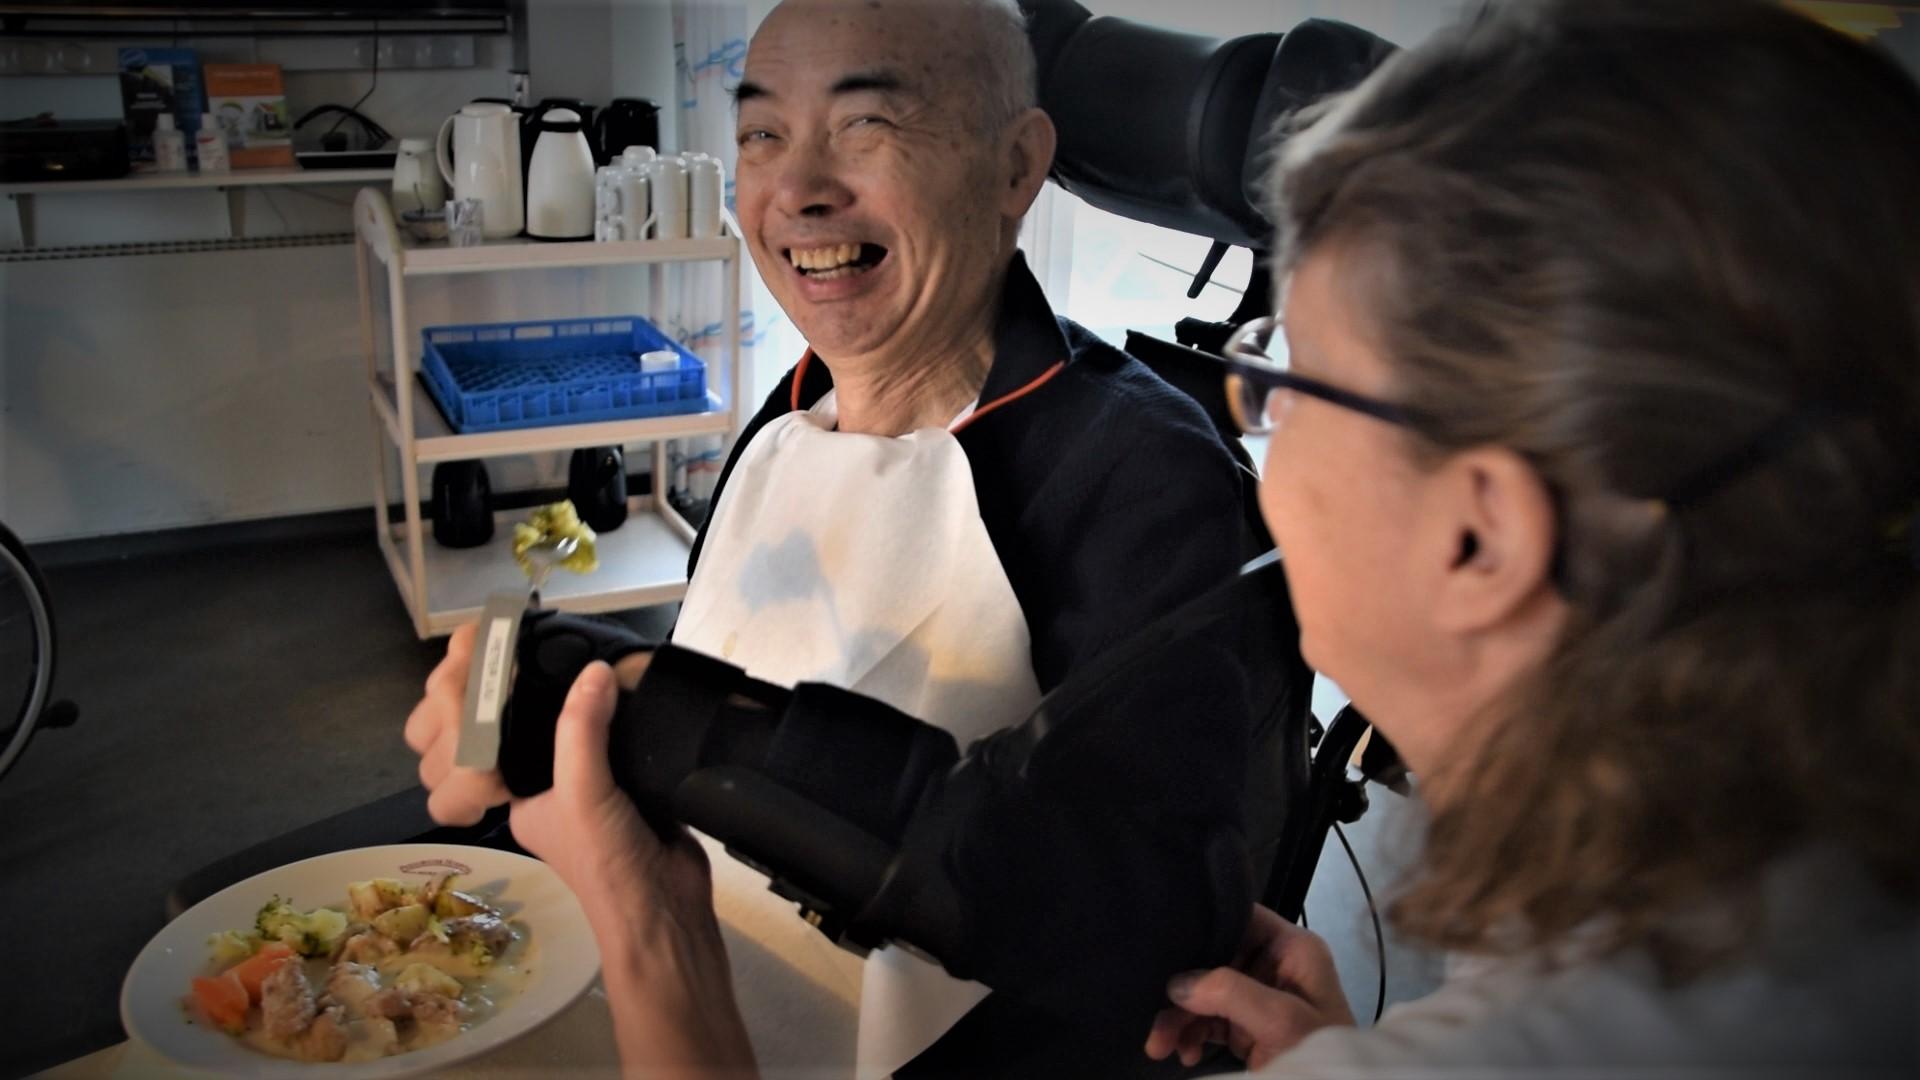 Selvom Peter Liu ikke kan spise uden støtte, er det alligevel bedre at spise med hjælp fra armstøtten end at skulle mades af personalet, mener han. Det giver en følelse af selvstændighed.